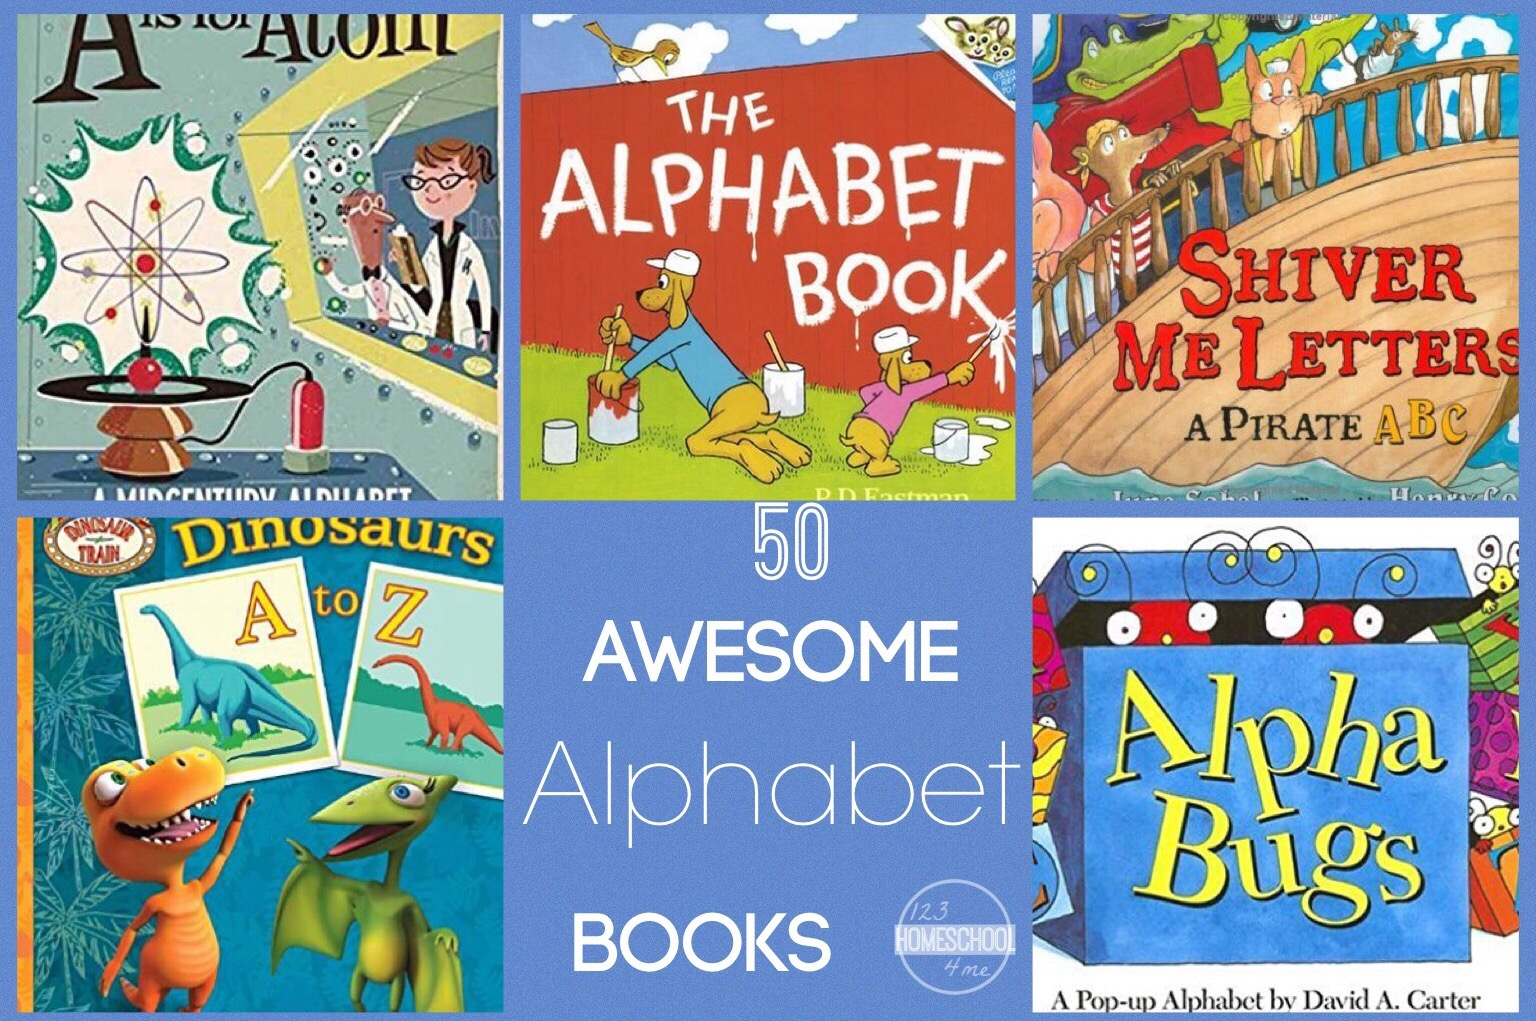 50 Awesome Alphabet Books